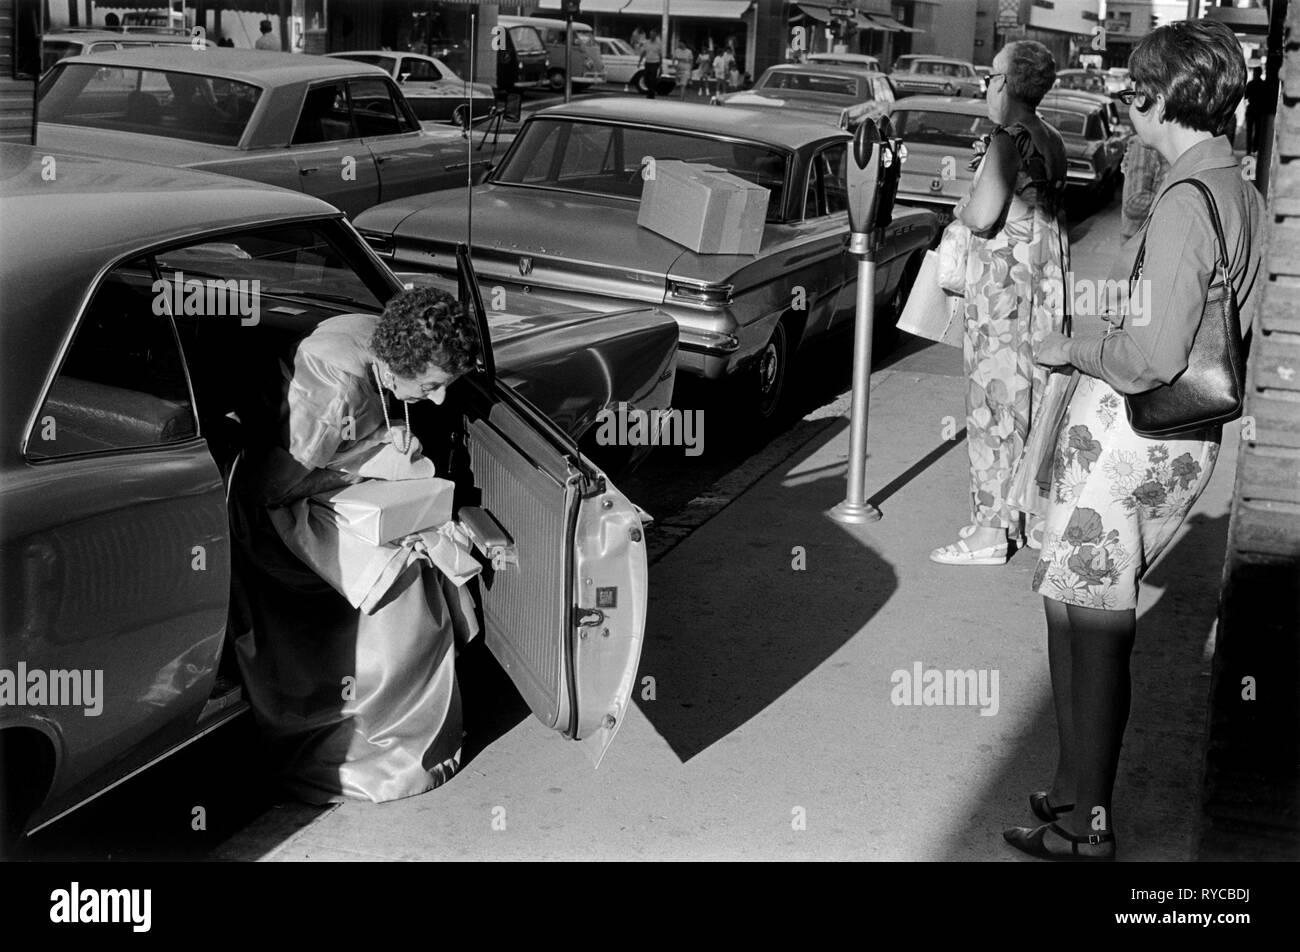 Reno Nevada, EE.UU. US 1960, Señoras de poner dinero en el parquímetro antes de ir al Casino vistiendo vestido de fiesta. 60s USA HOMER SYKES Imagen De Stock